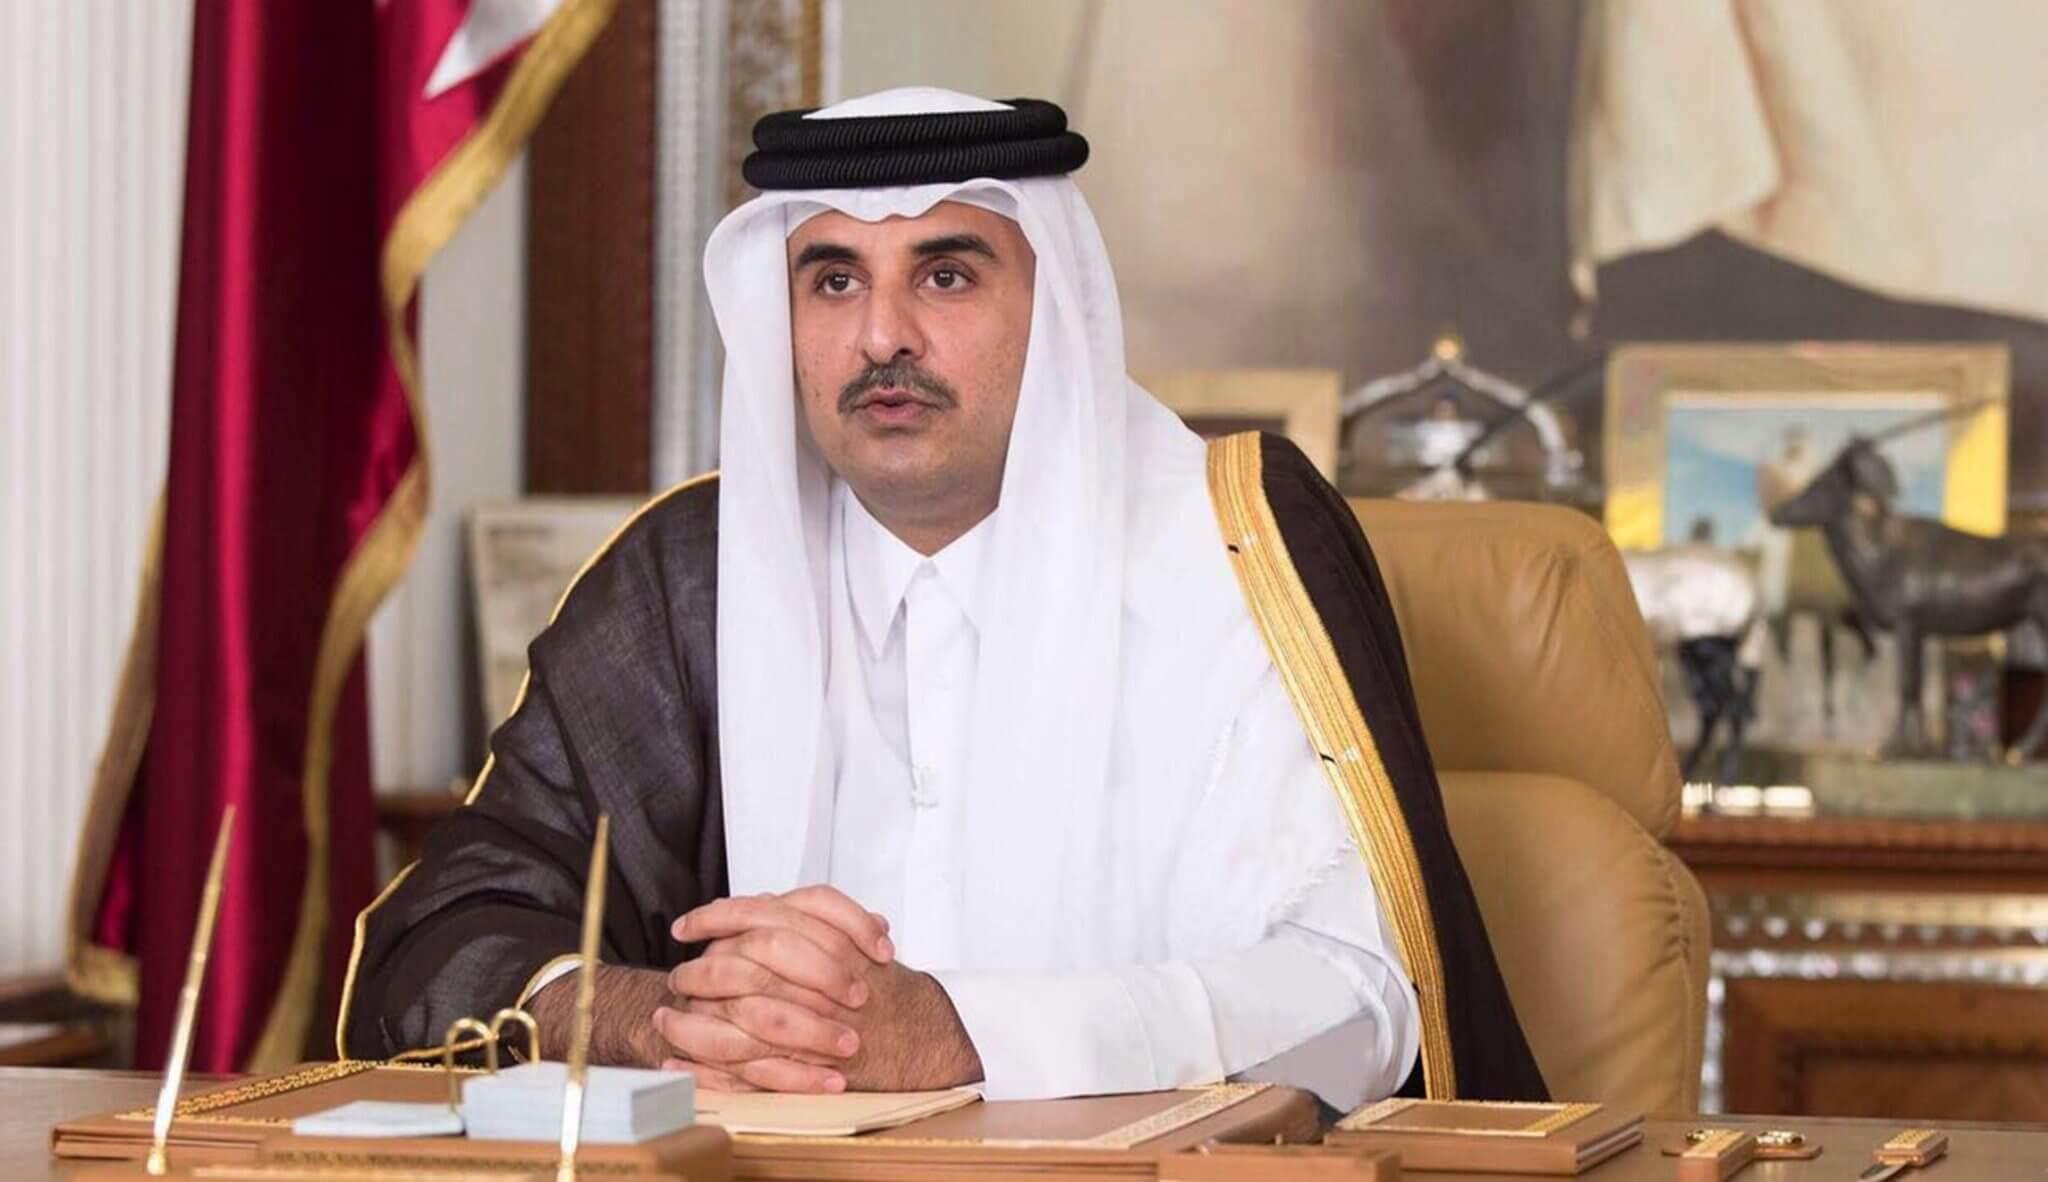 قطر اپنے خلاف گلف ریاستوں کی پابندیوں کے خاتمے کے بدلے میں اسرائیل سے تعلقات قائم کرنے پر راضی